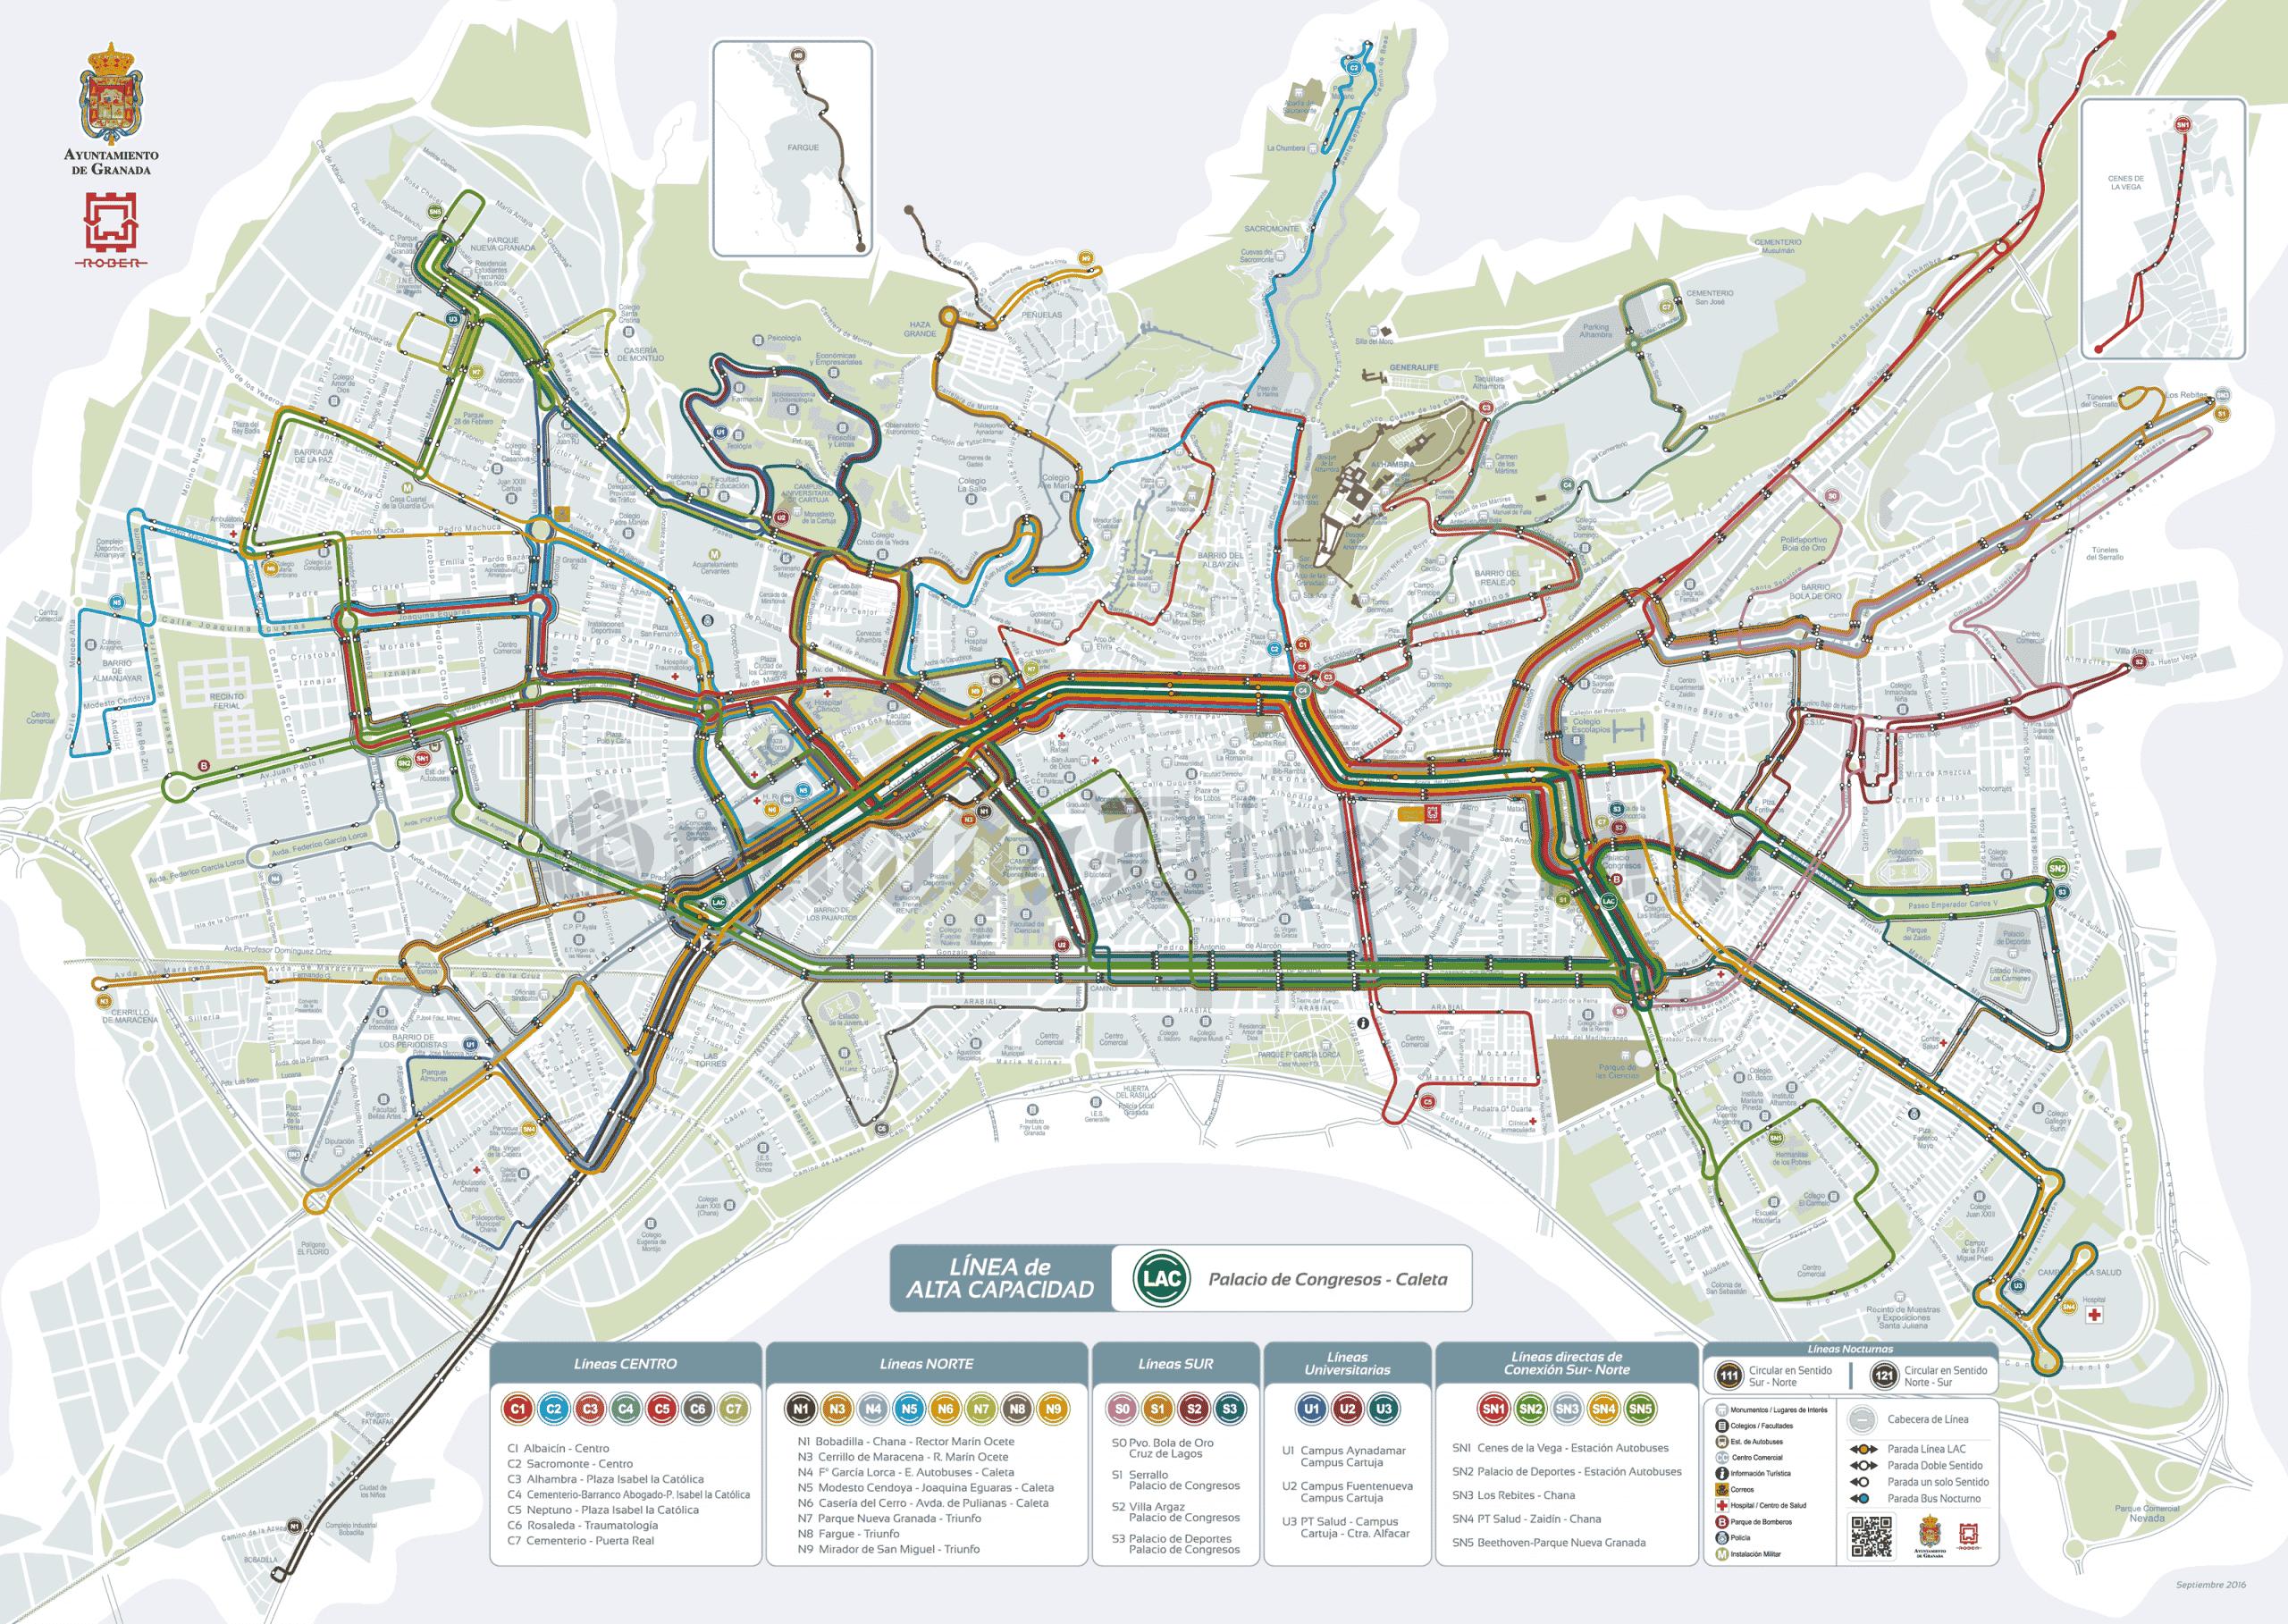 plano-autobuses-lineas-urbanos